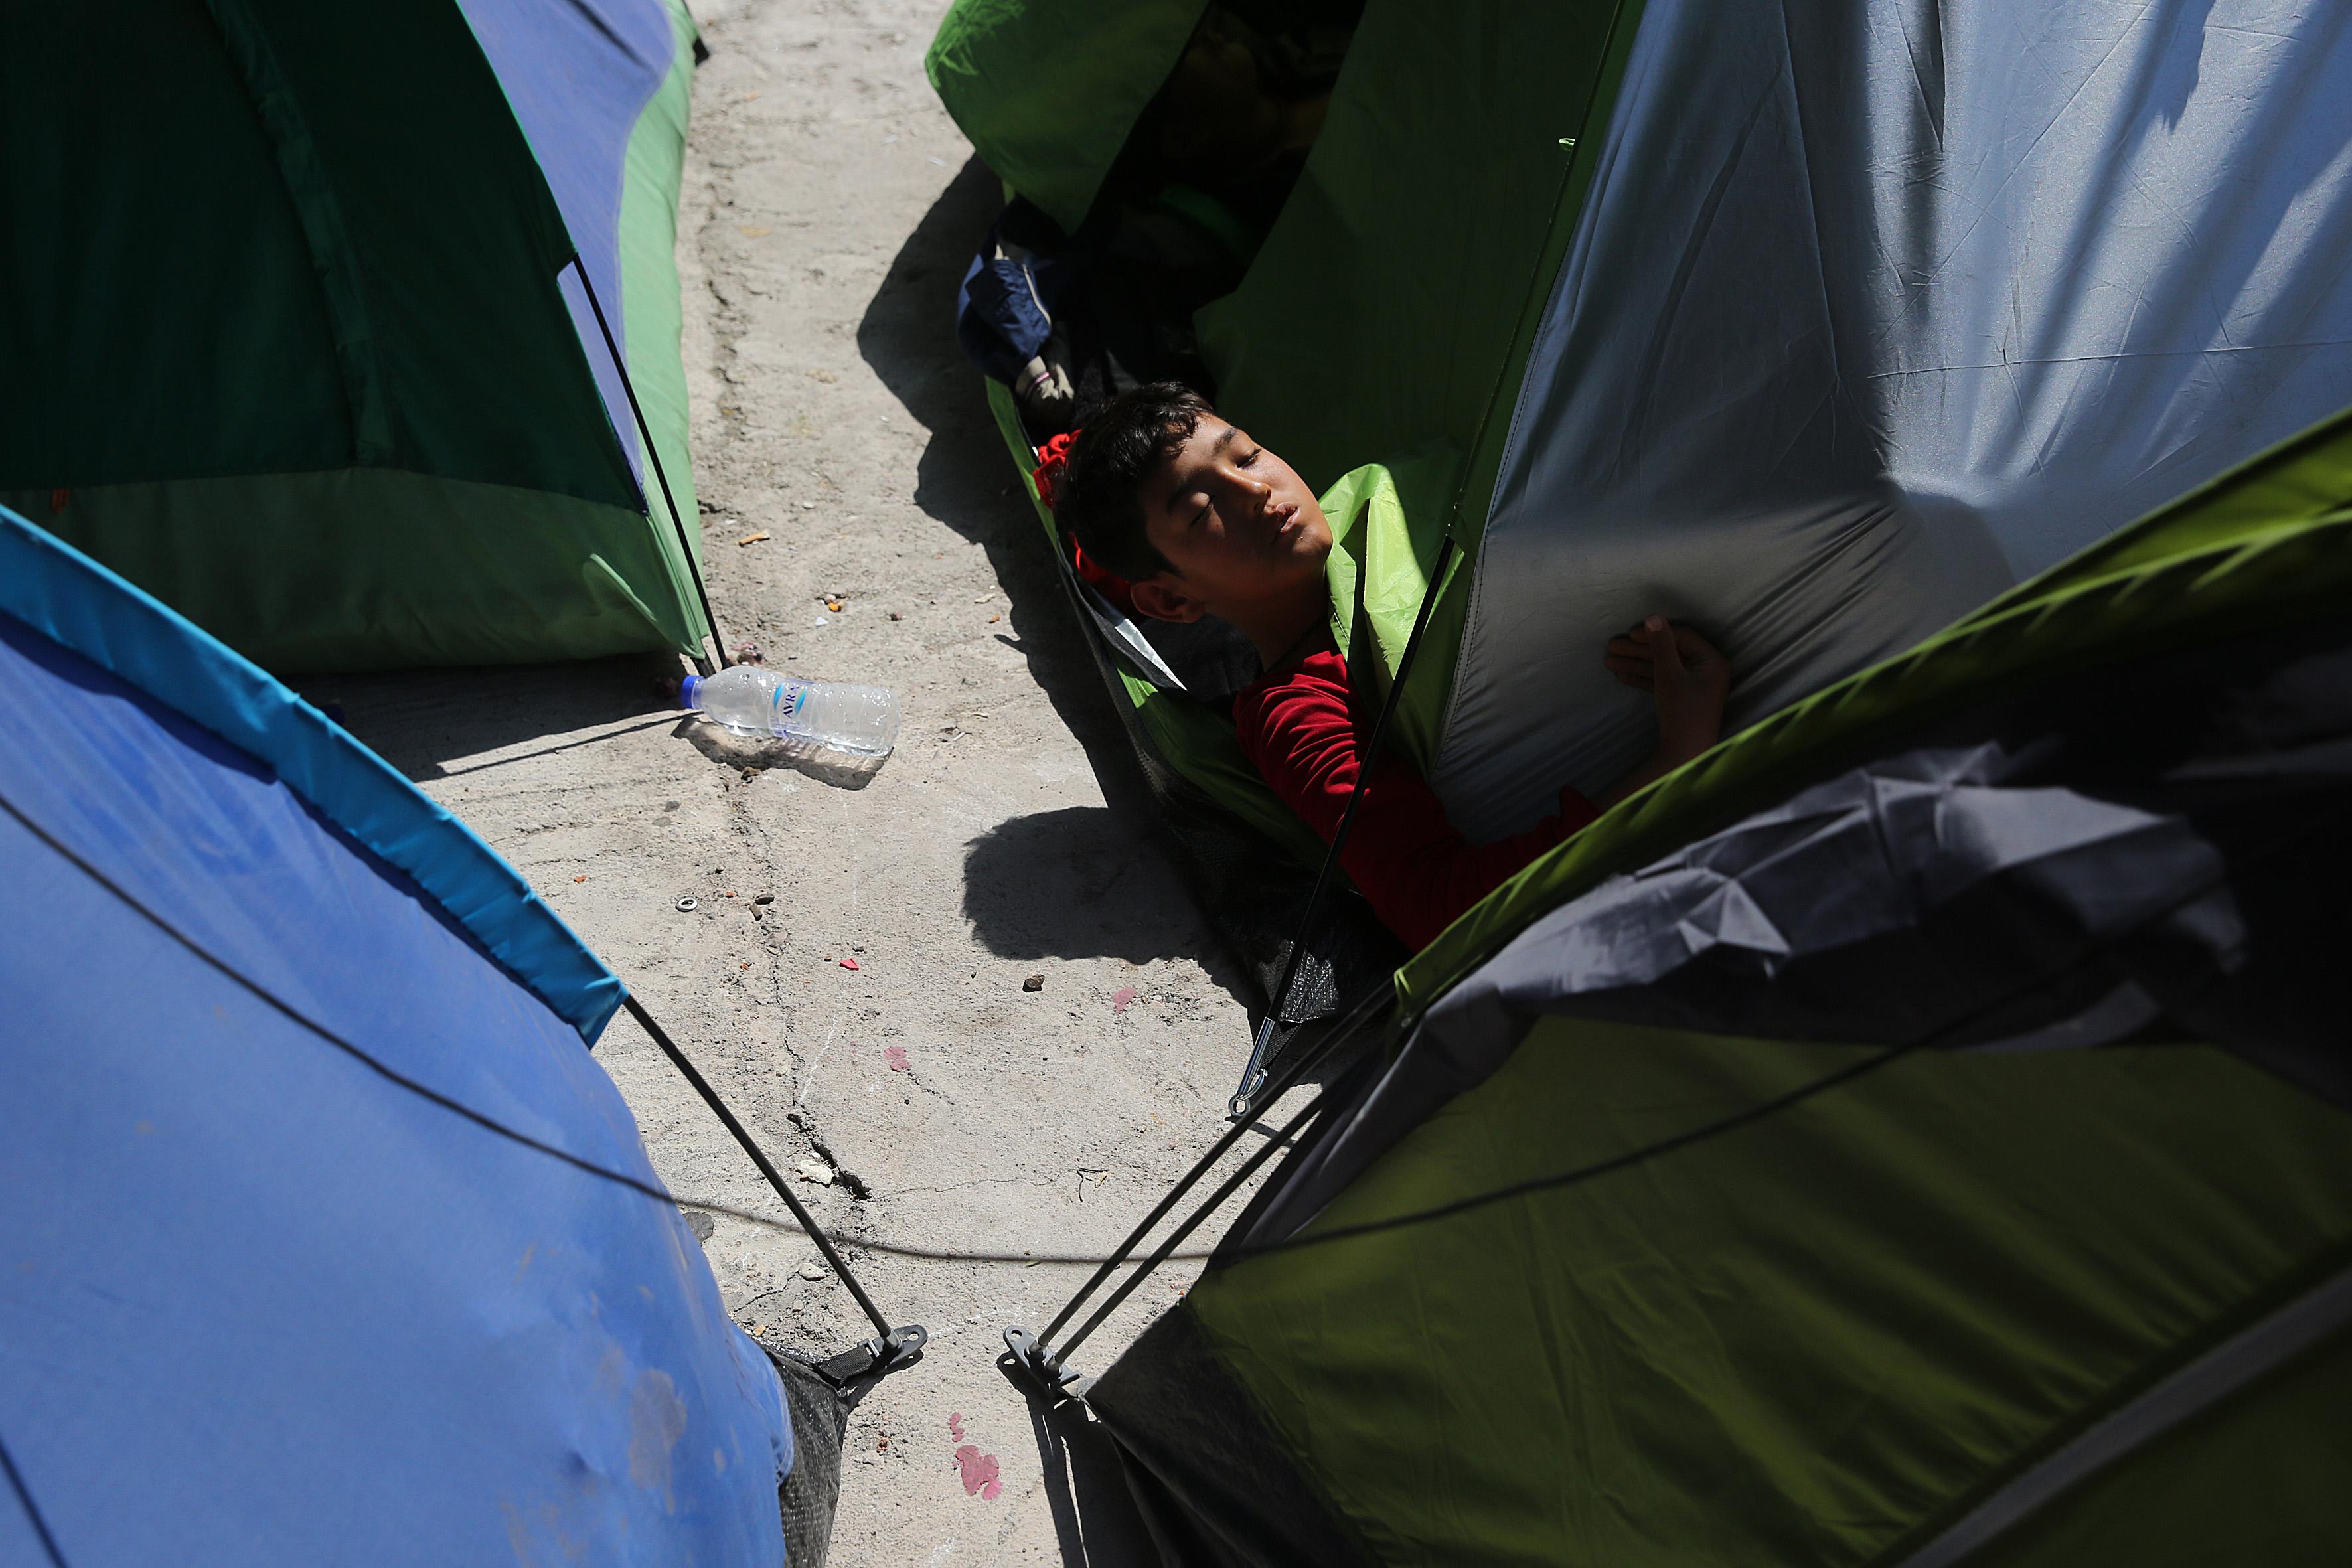 Συμπλοκή με έναν αφγανό τραυματία στο λιμάνι του Πειραιά | tovima.gr